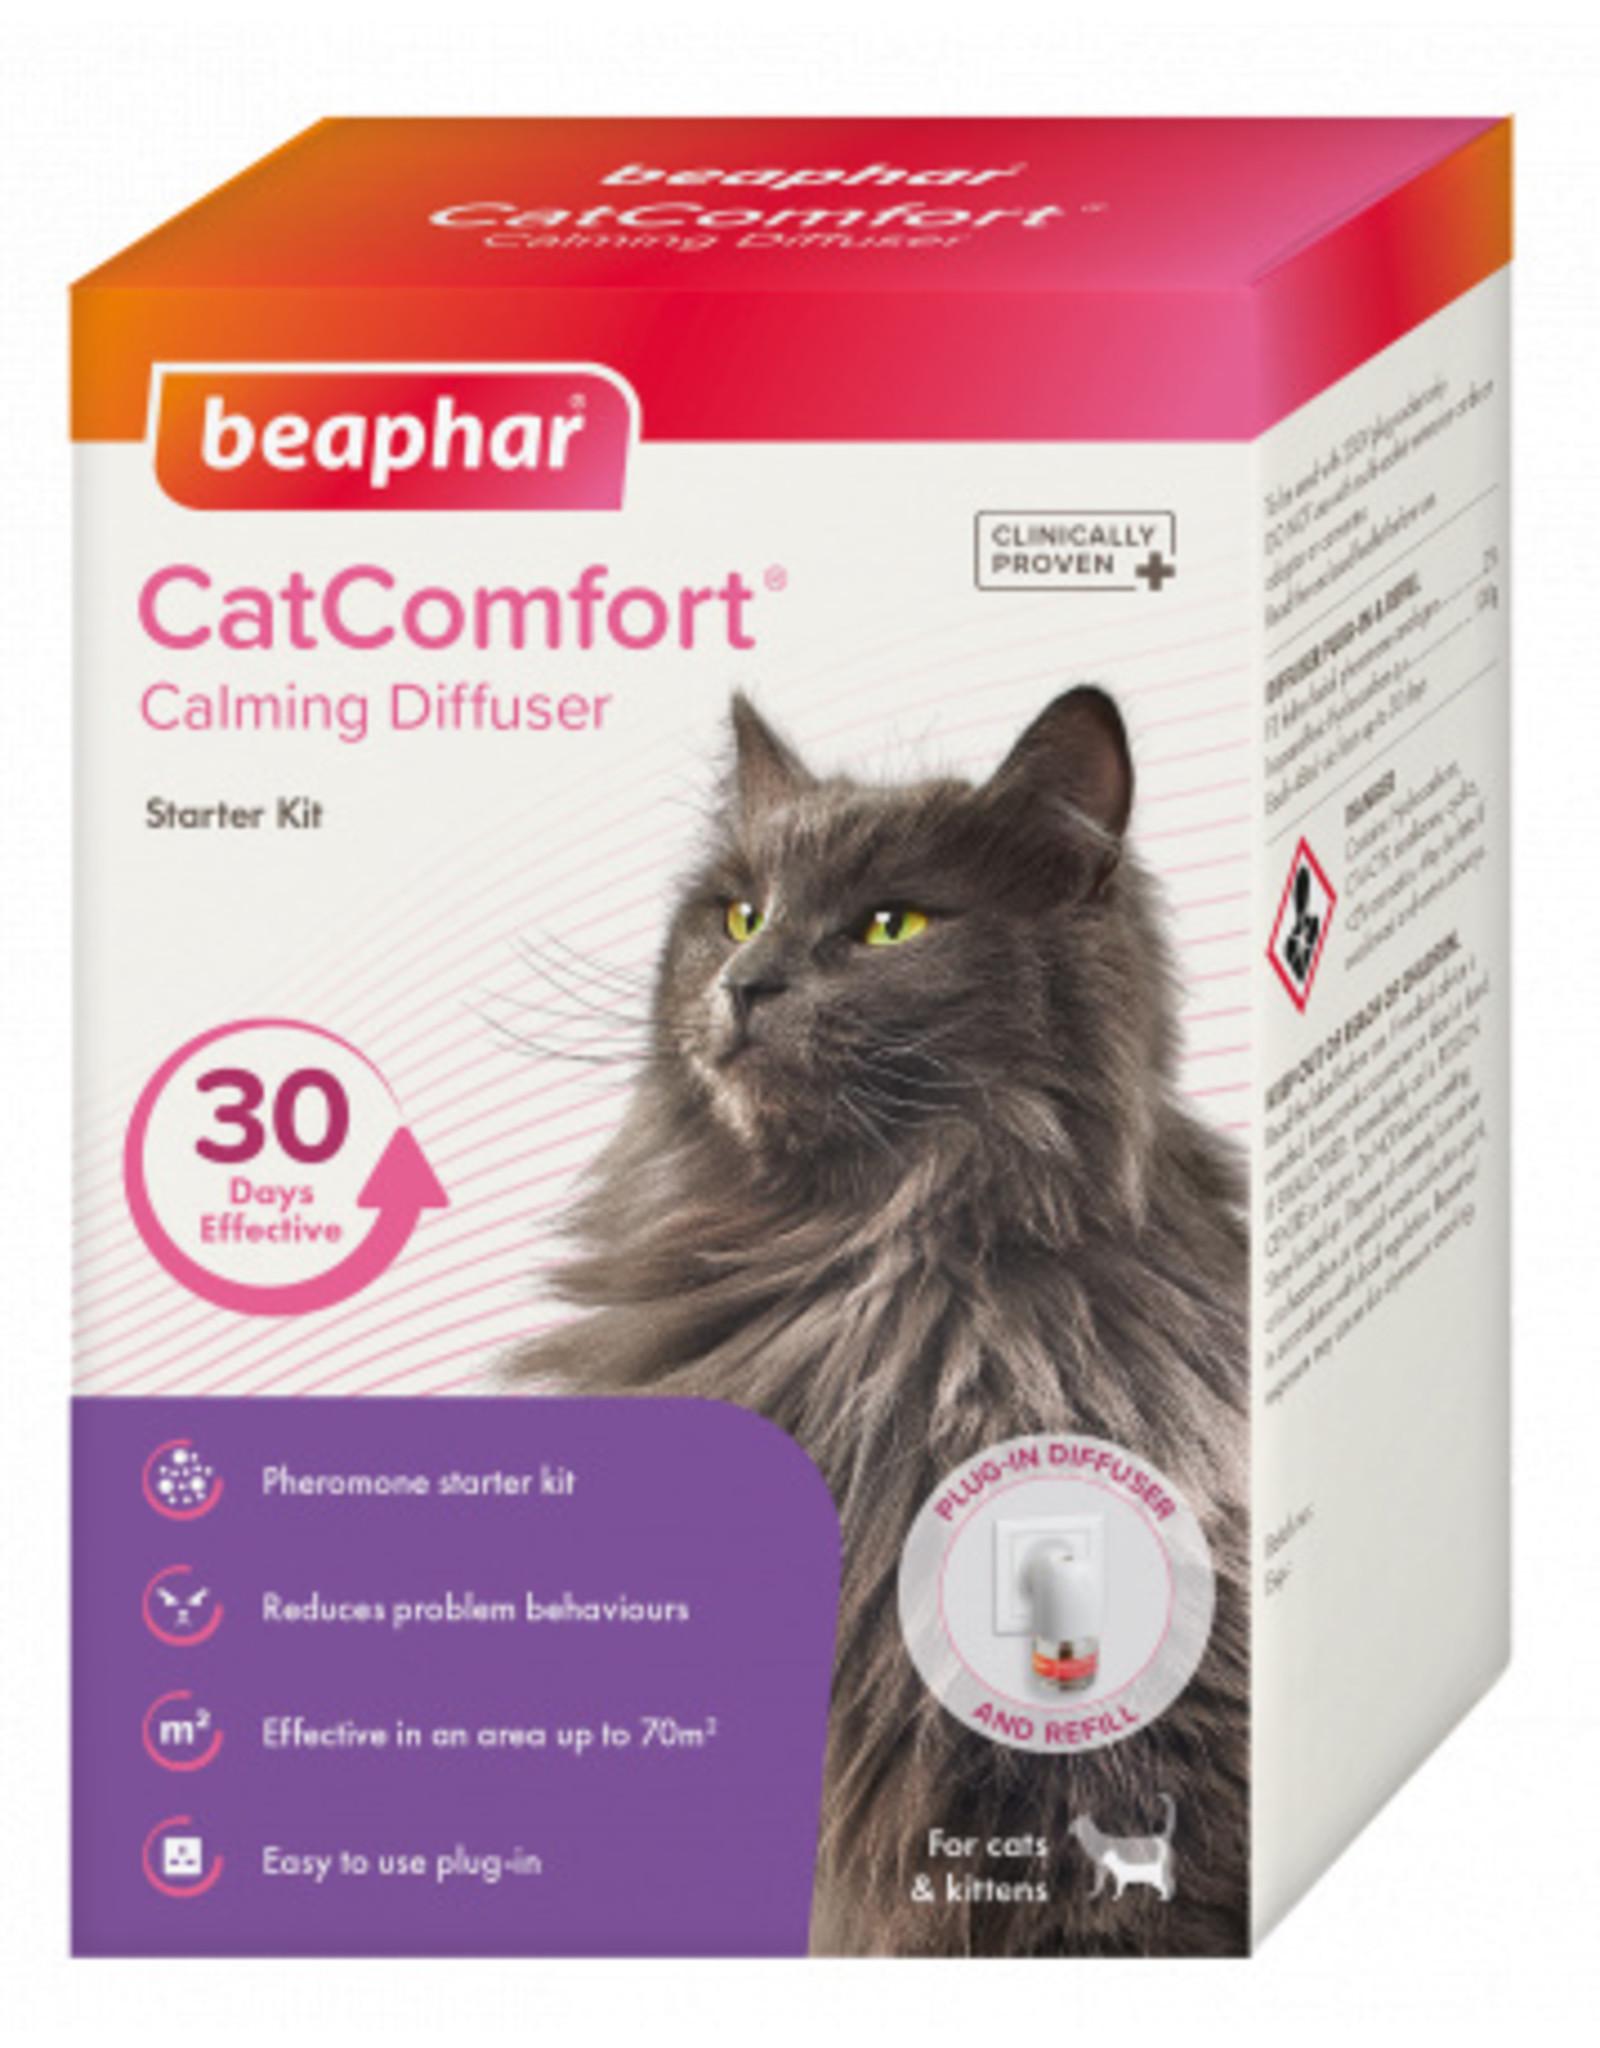 Beaphar CatComfort Calming Diffuser Starter Kit, 30 Days